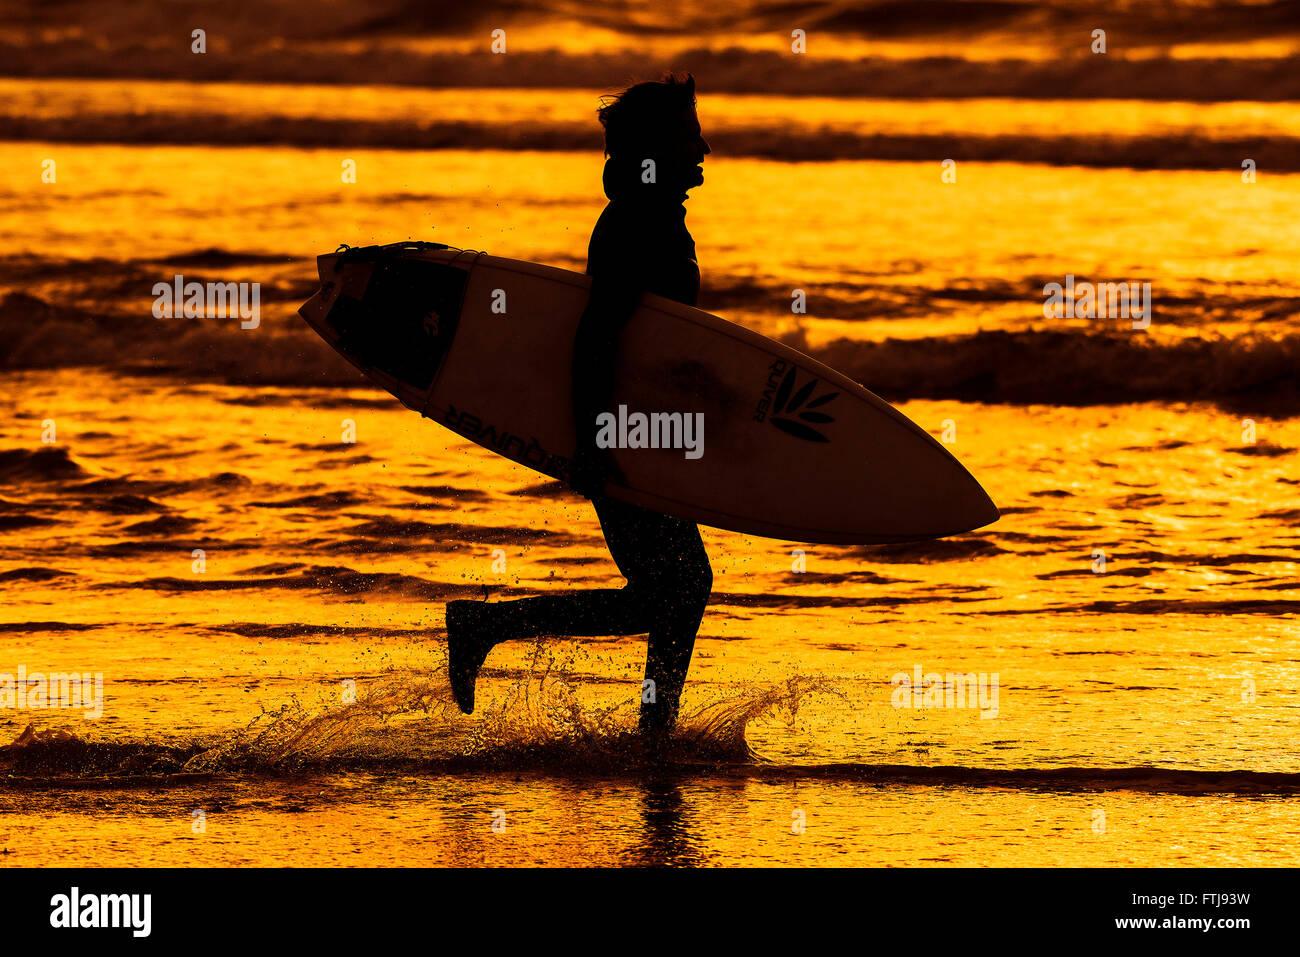 La silhouette d'un surfeur en marche le long du rivage sur la plage de Fistral pendant une fin de soirée Photo Stock